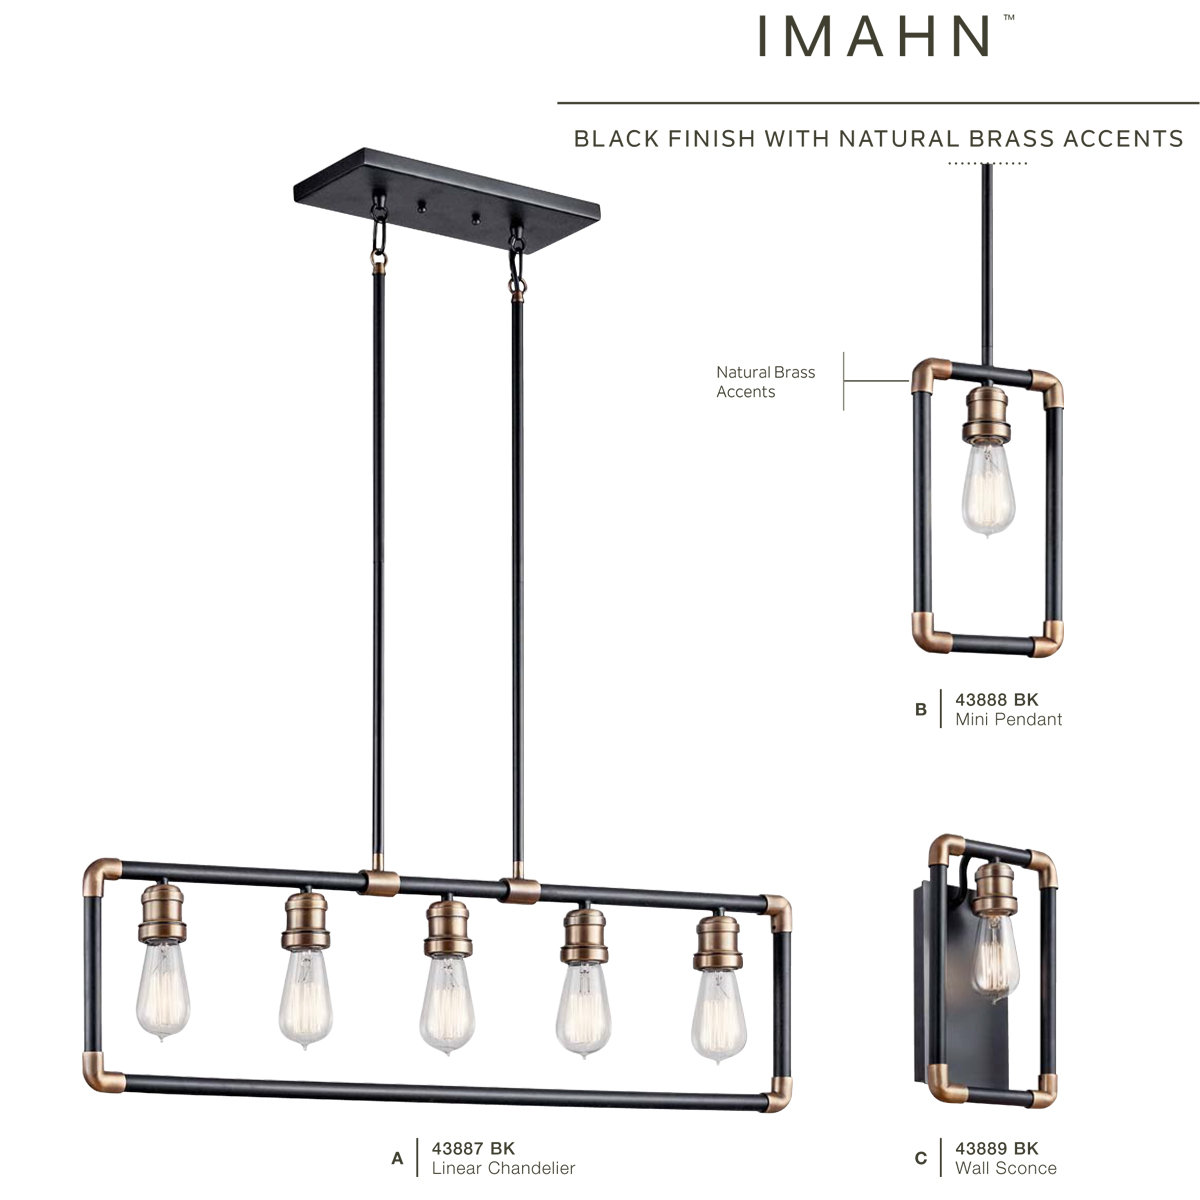 Kichler Bk Black Imahn 35 Wide 5 Light Linear Chandelier